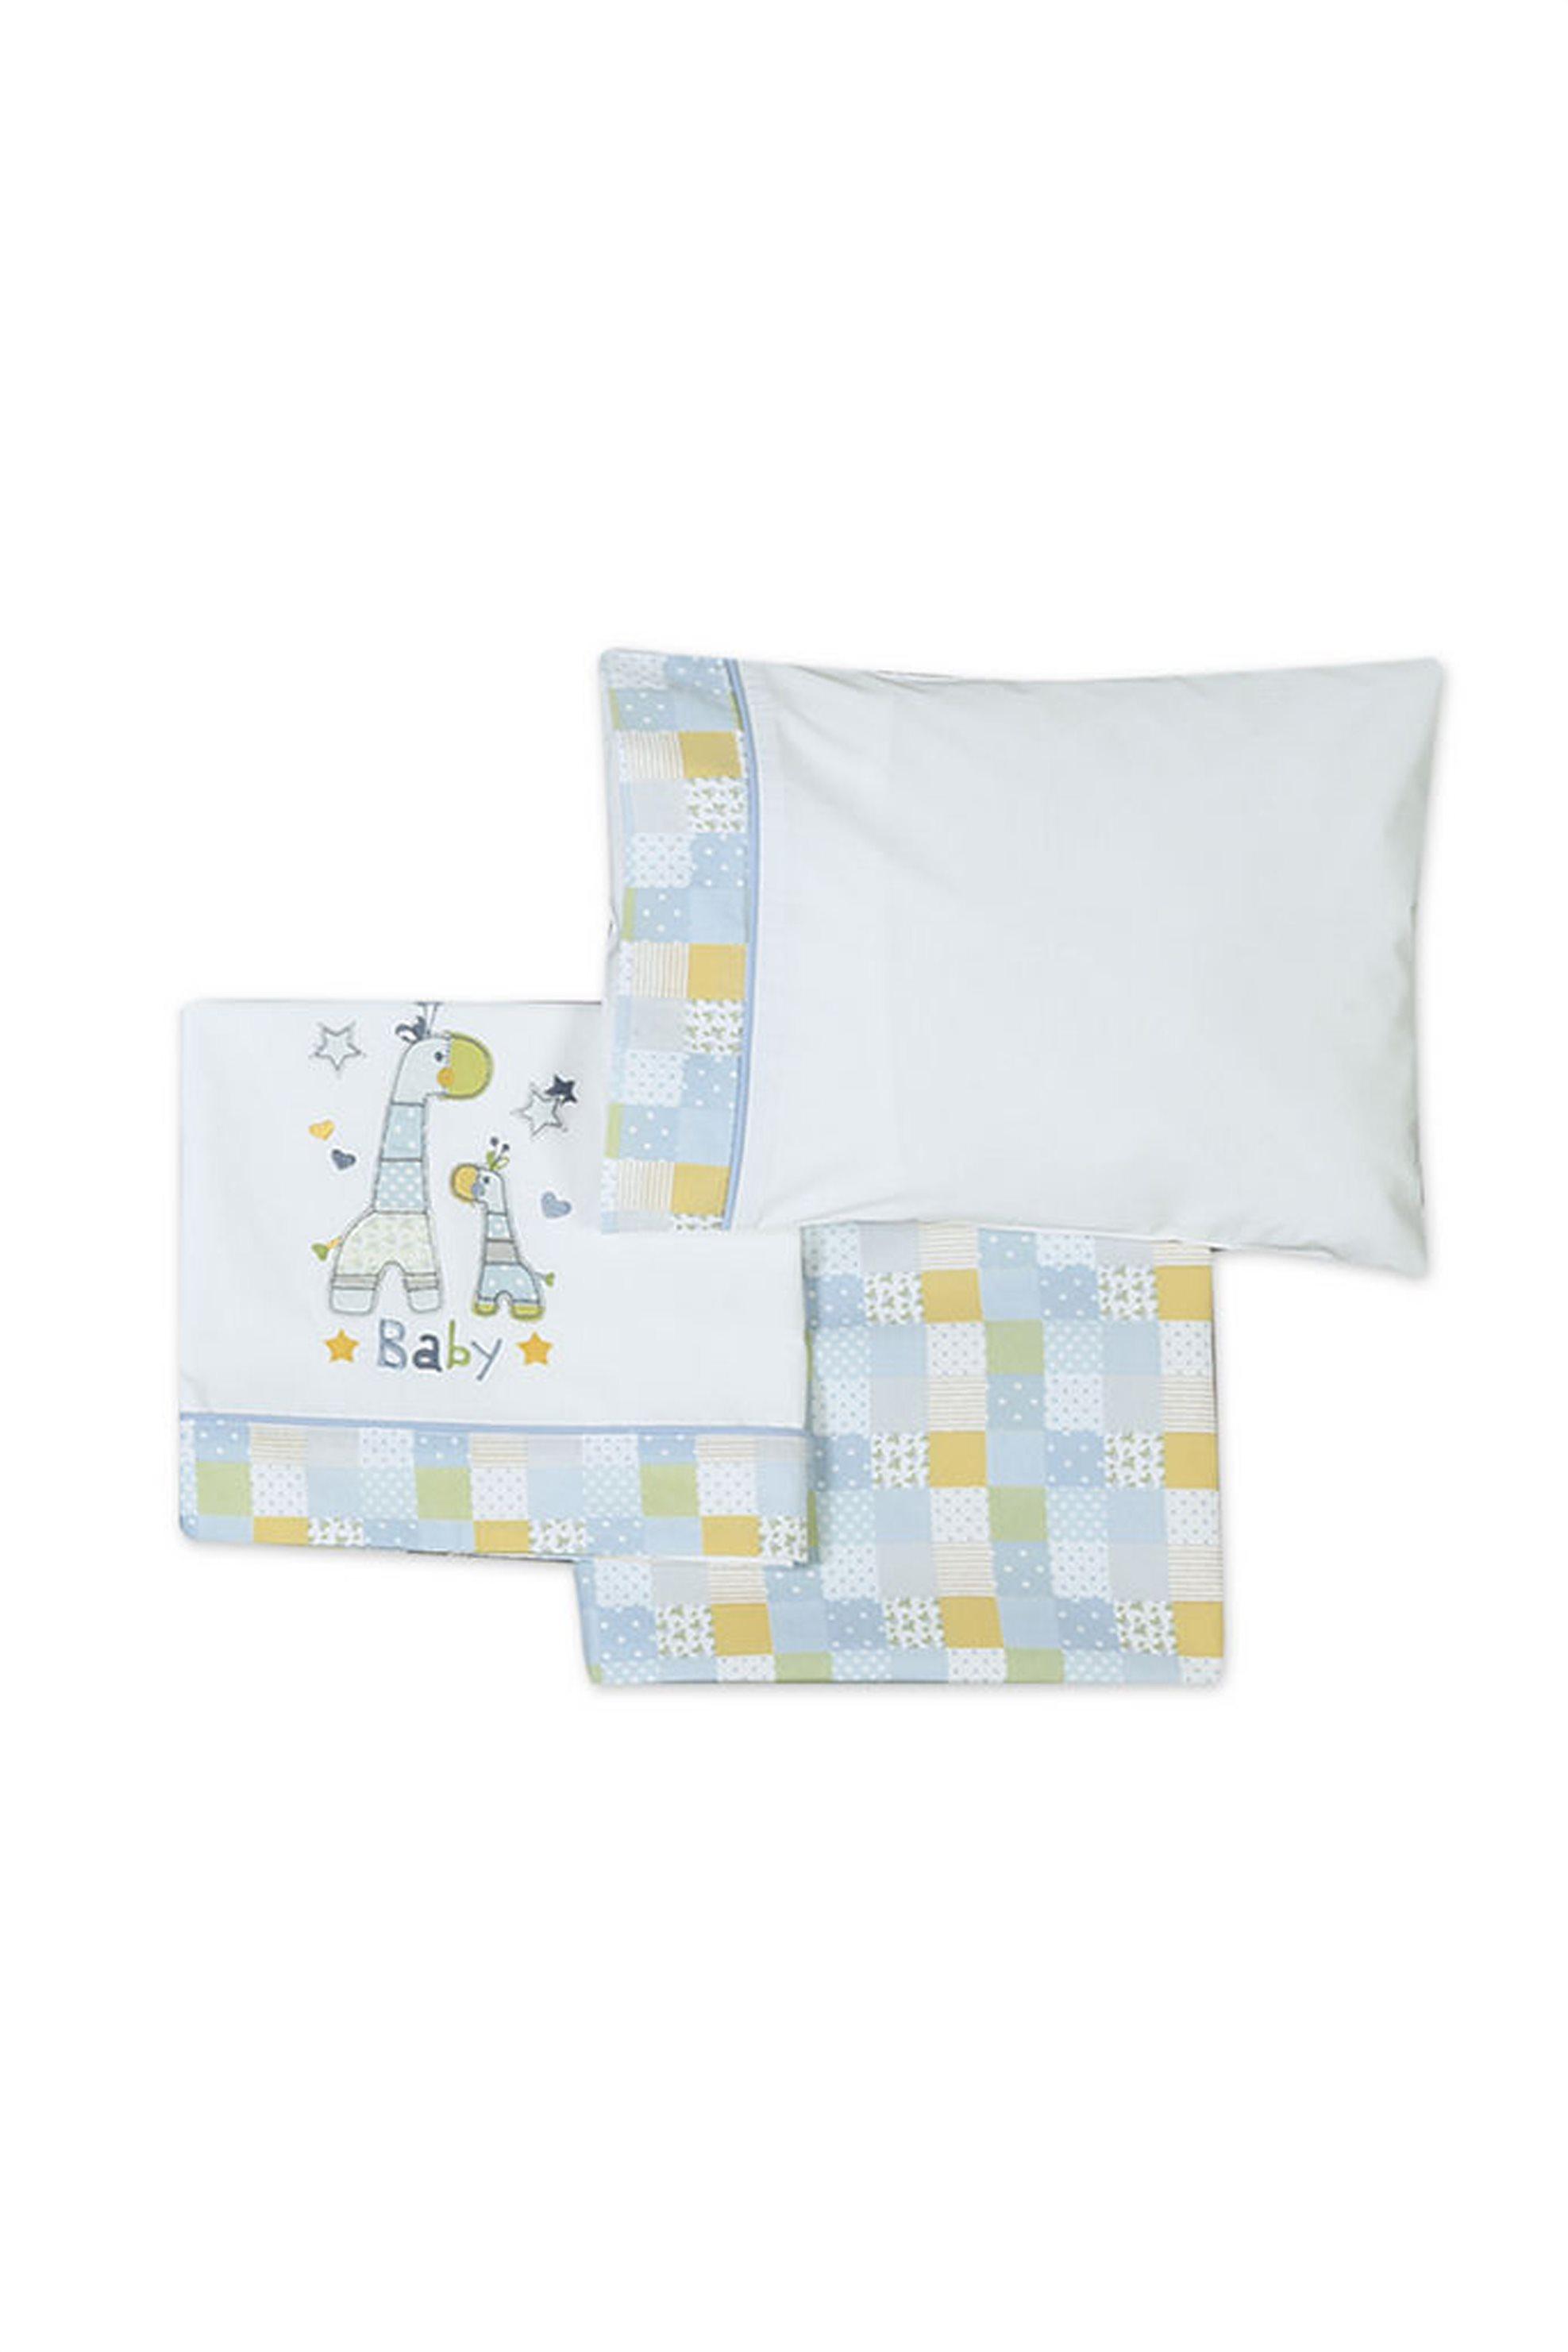 Σετ βρεφικά σεντόνια με print Baby Girafe NEF-NEF - 019267 - Λευκό home   παιδια   σεντόνια   σετ παιδικά σεντόνια